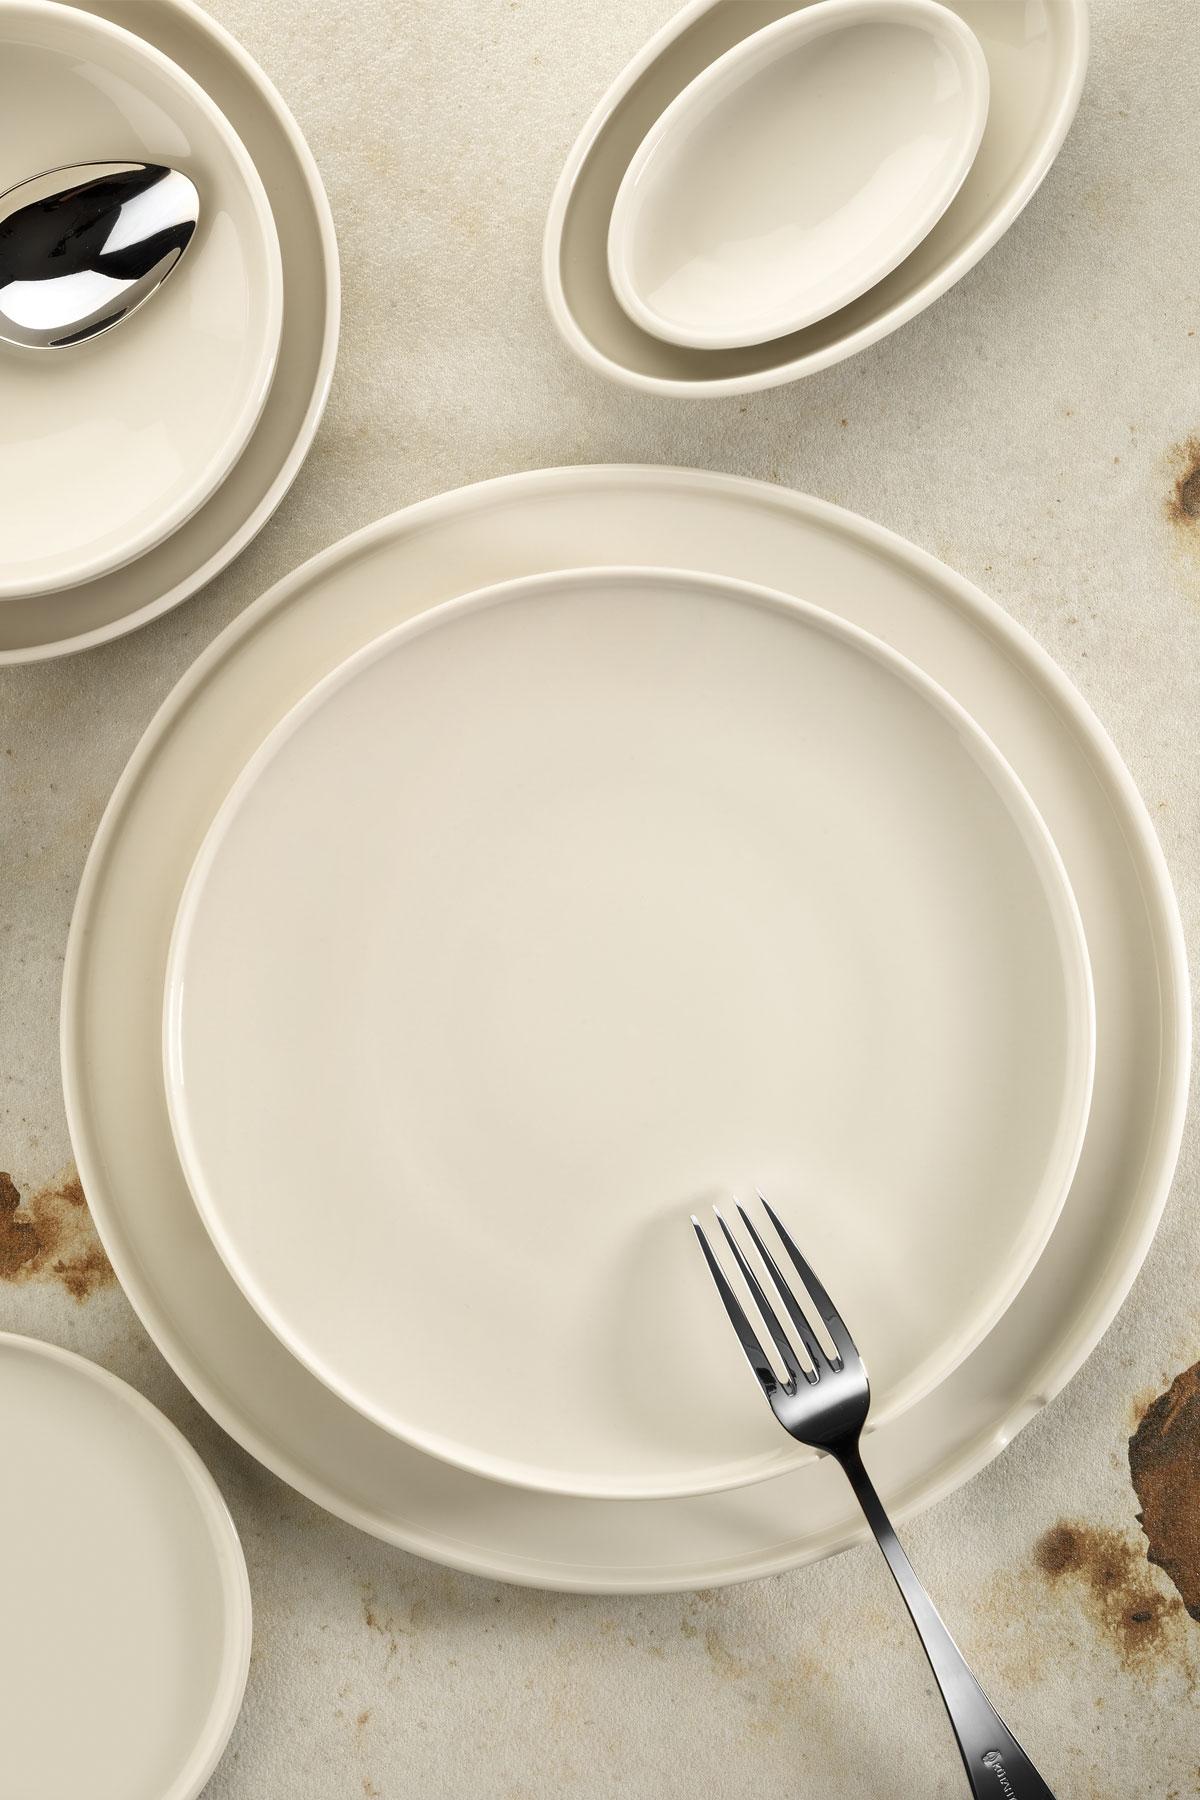 Kütahya Porselen Chef Taste Of 24 cm Kayık Tabak Krem